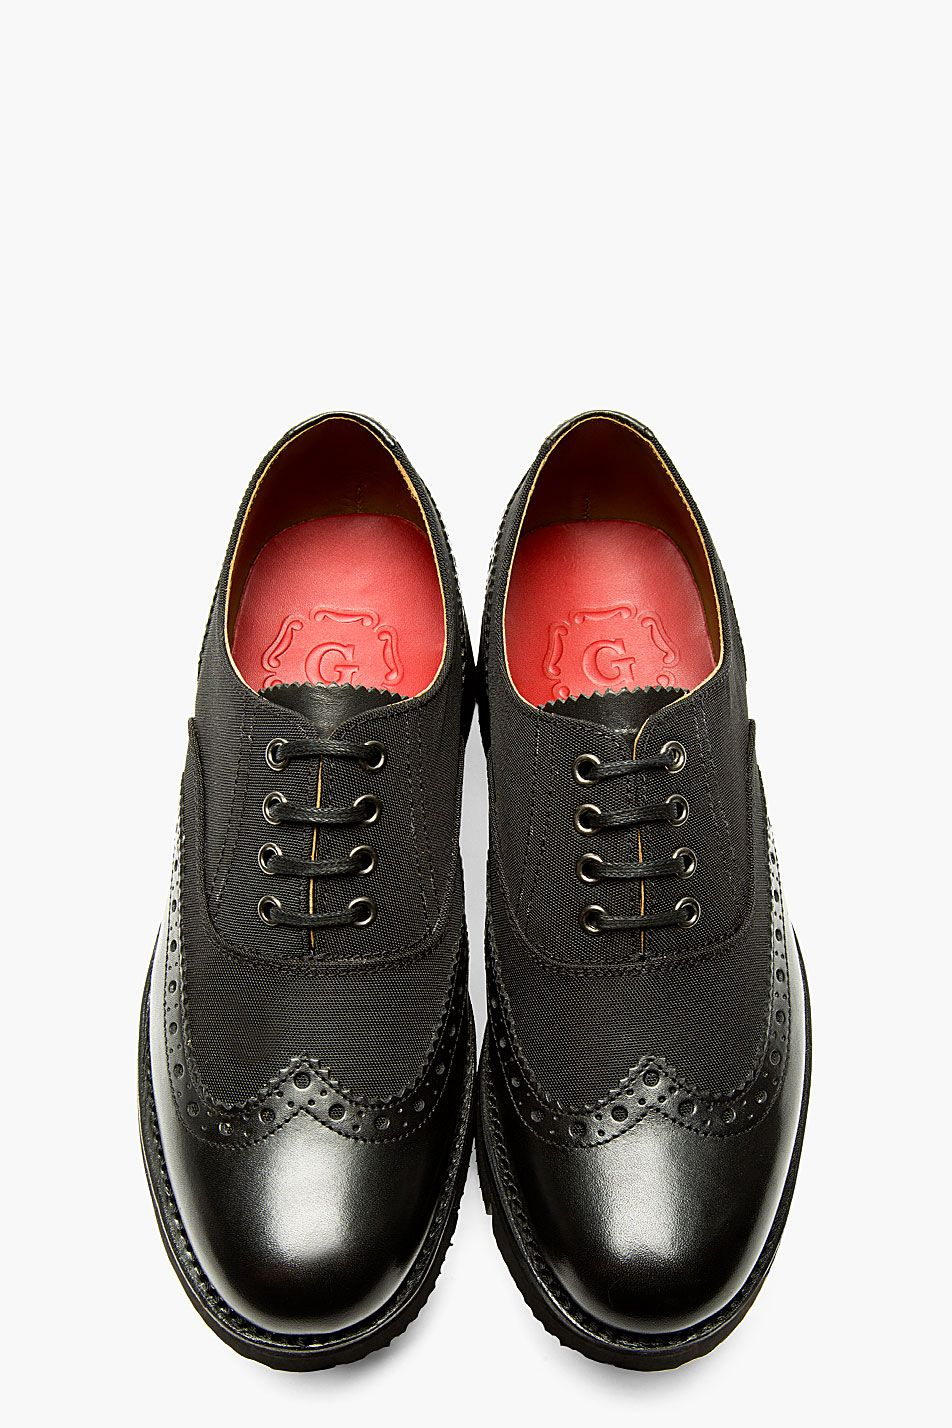 Harry Potter Chaussures Marron Pour Les Hommes D05Wf99eaO